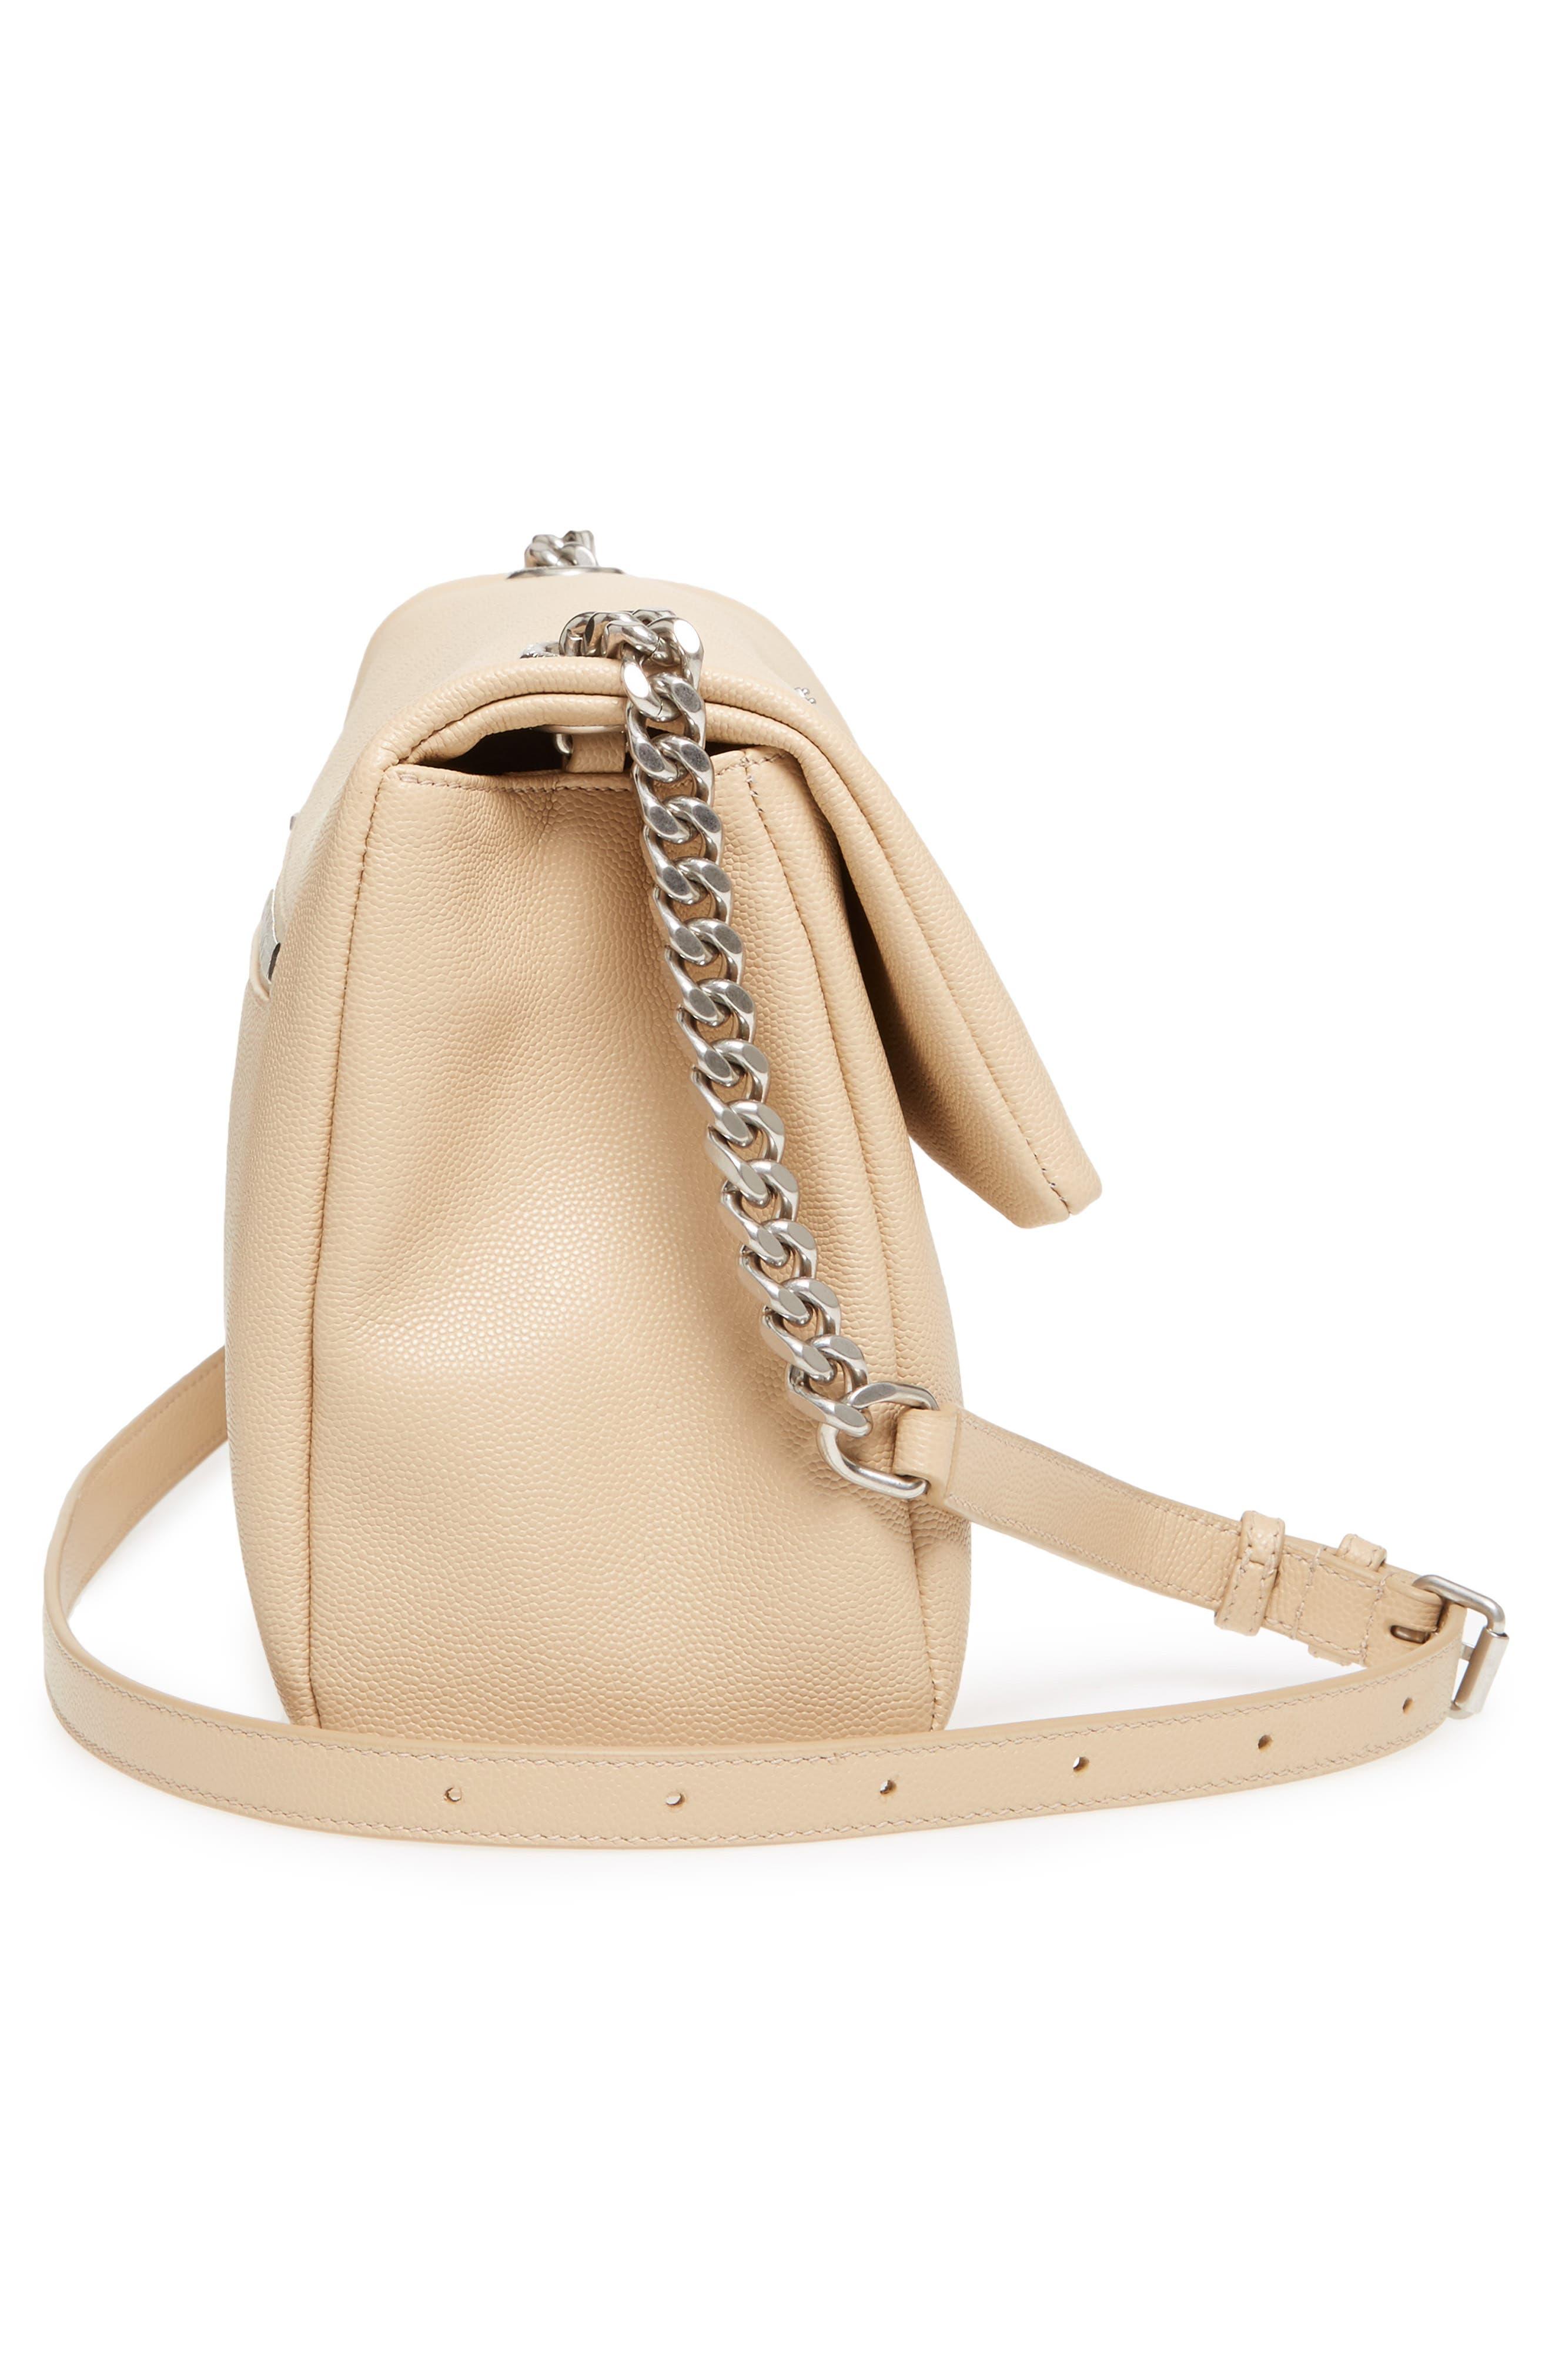 Medium West Hollywood Leather Shoulder Bag,                             Alternate thumbnail 15, color,